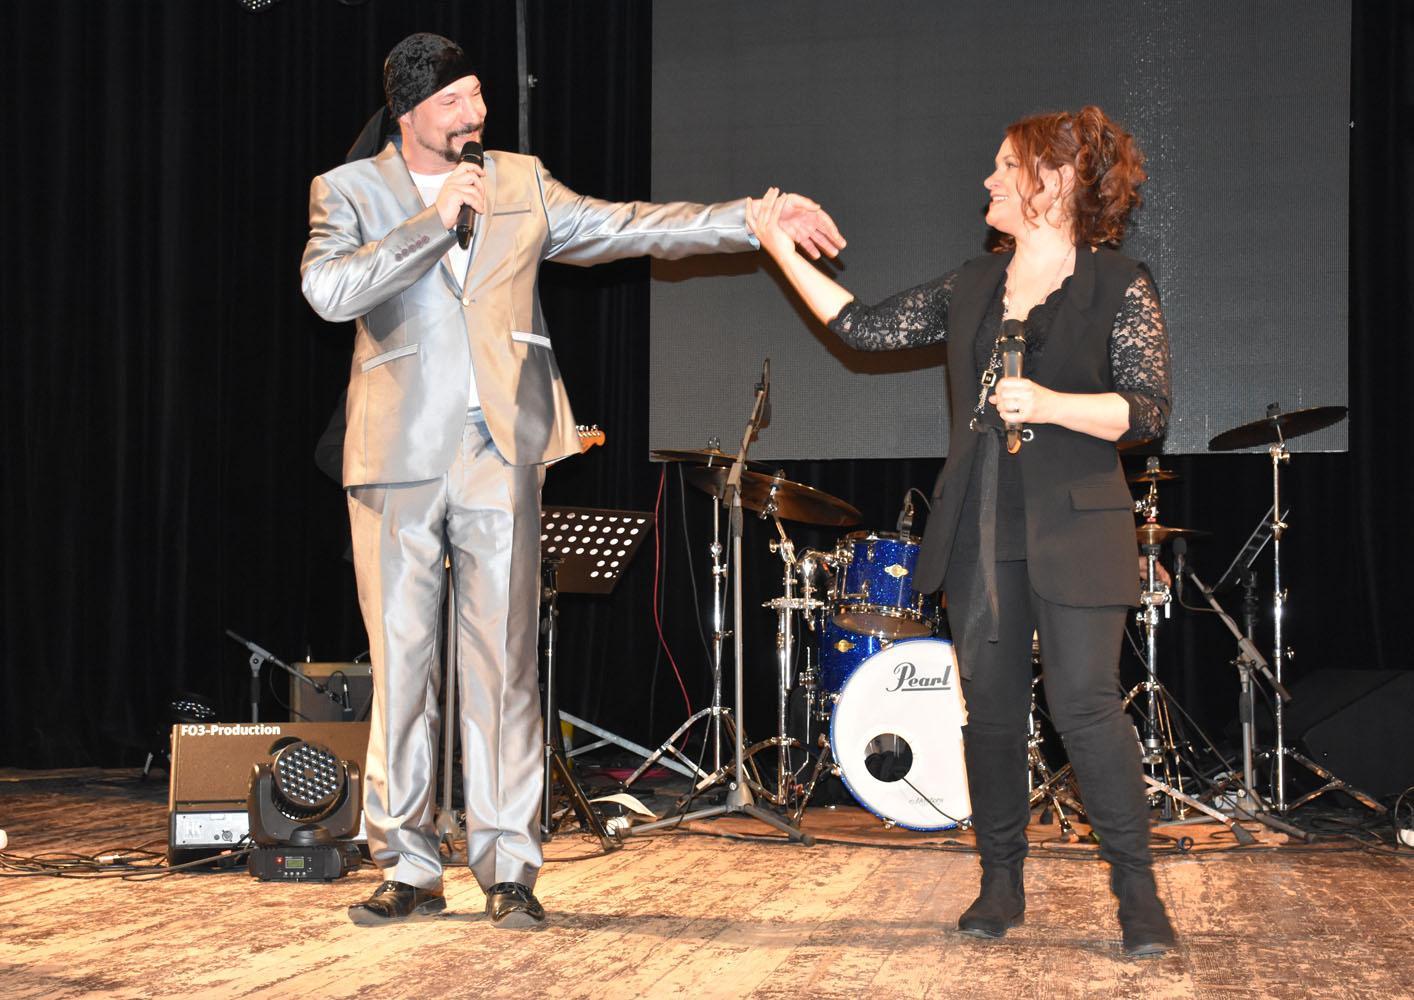 Cesta muzikálem - Klášterec nad Ohří